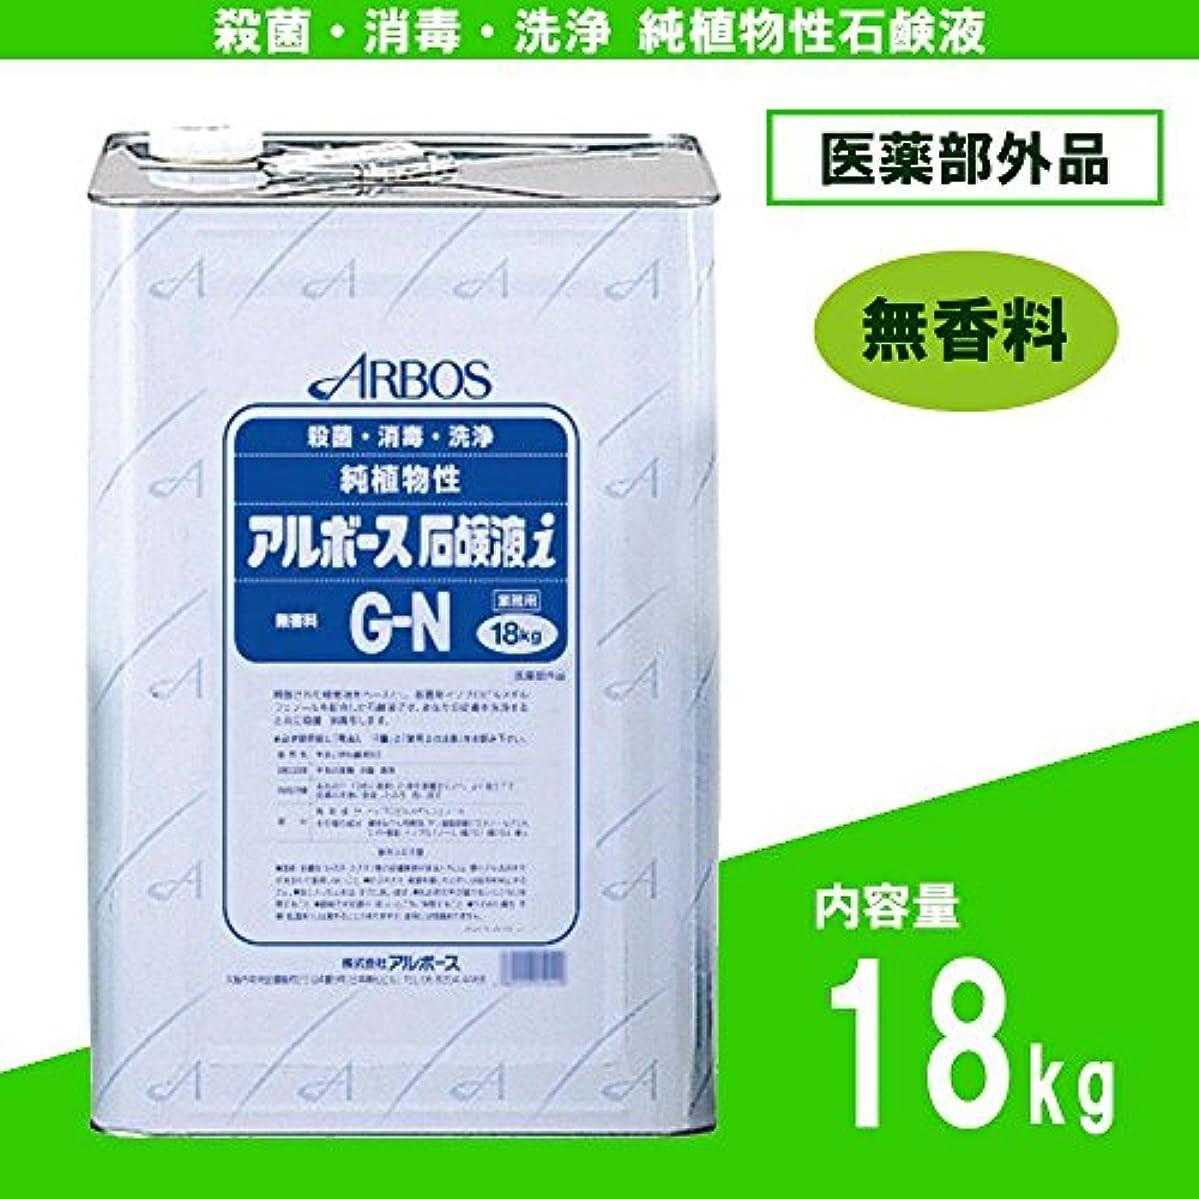 害ケーブルタイピストアルボース 業務用純植物性石鹸液 石鹸液i G-N 無香料タイプ 18kg 01041 (医薬部外品)